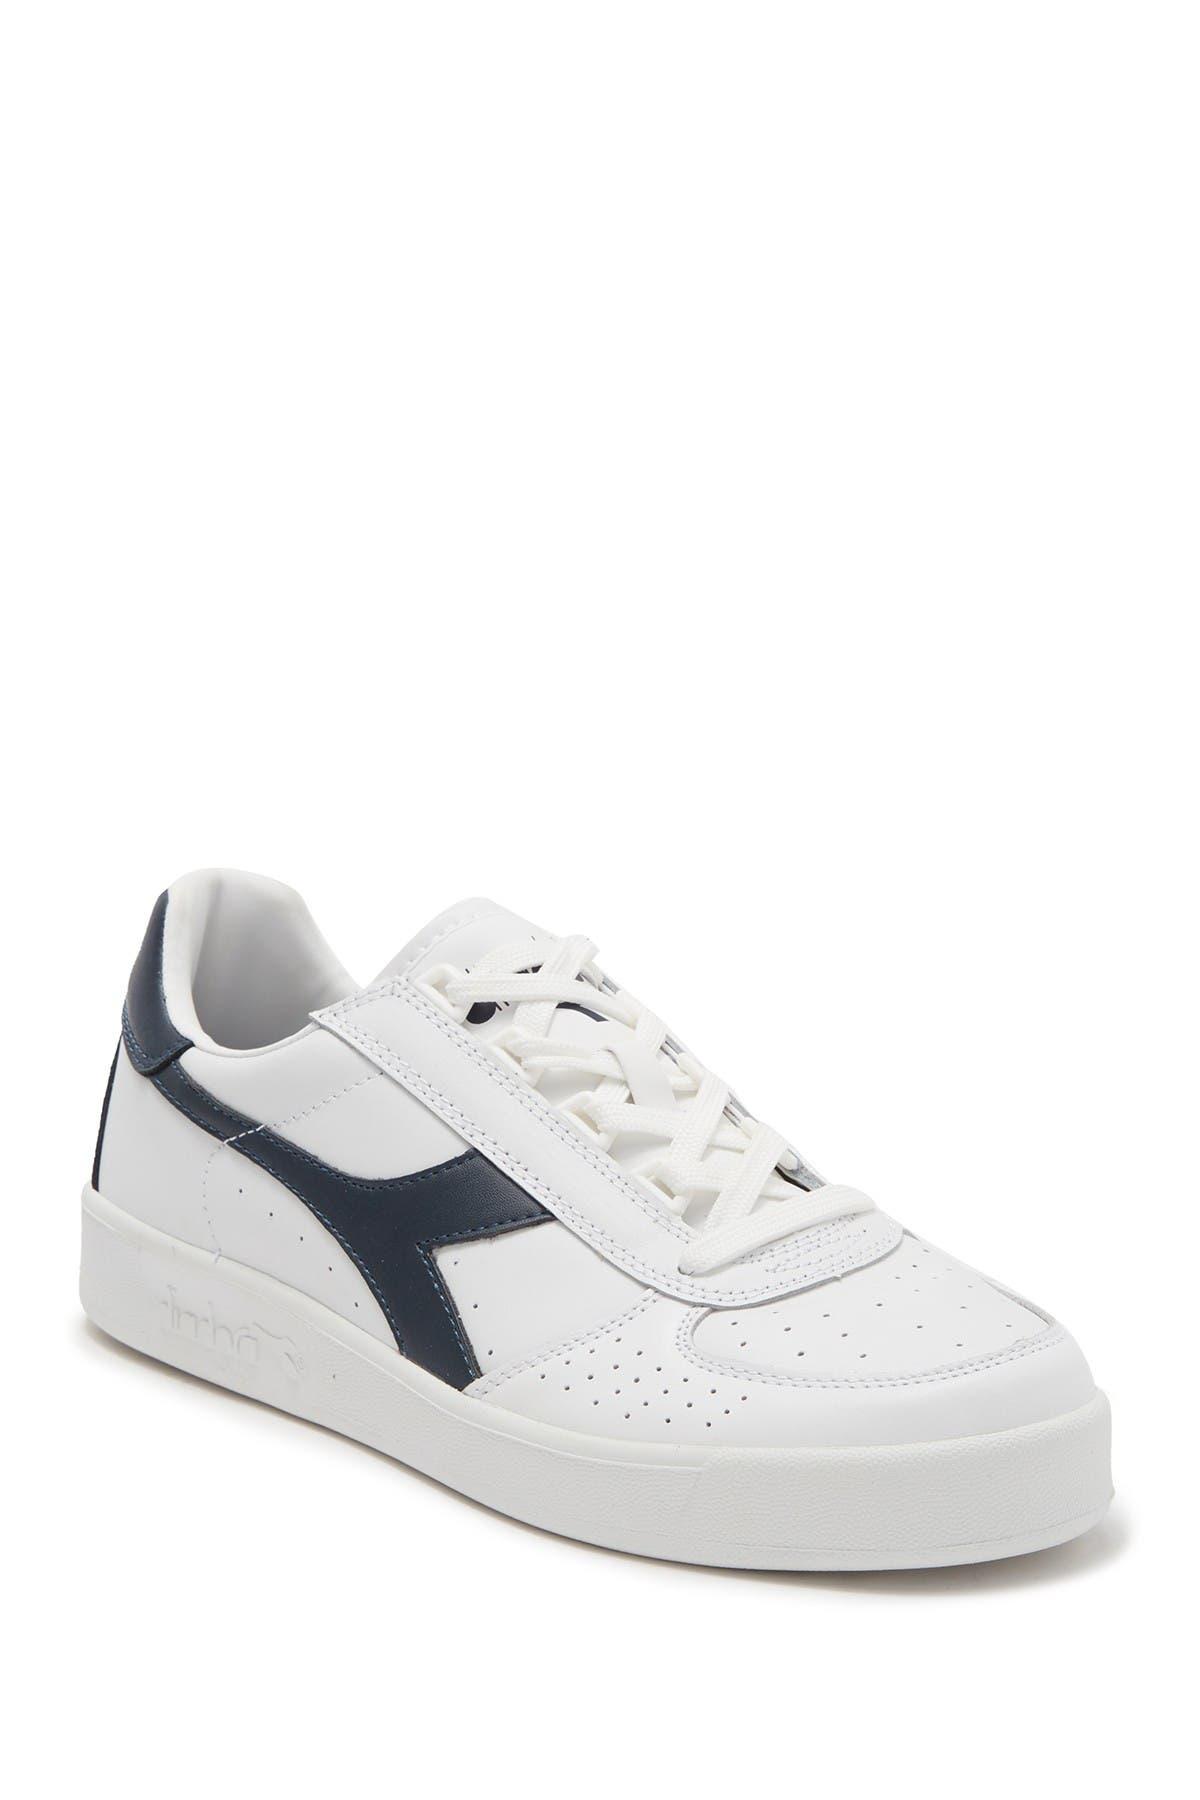 Diadora | B. Elite Leather Sneaker